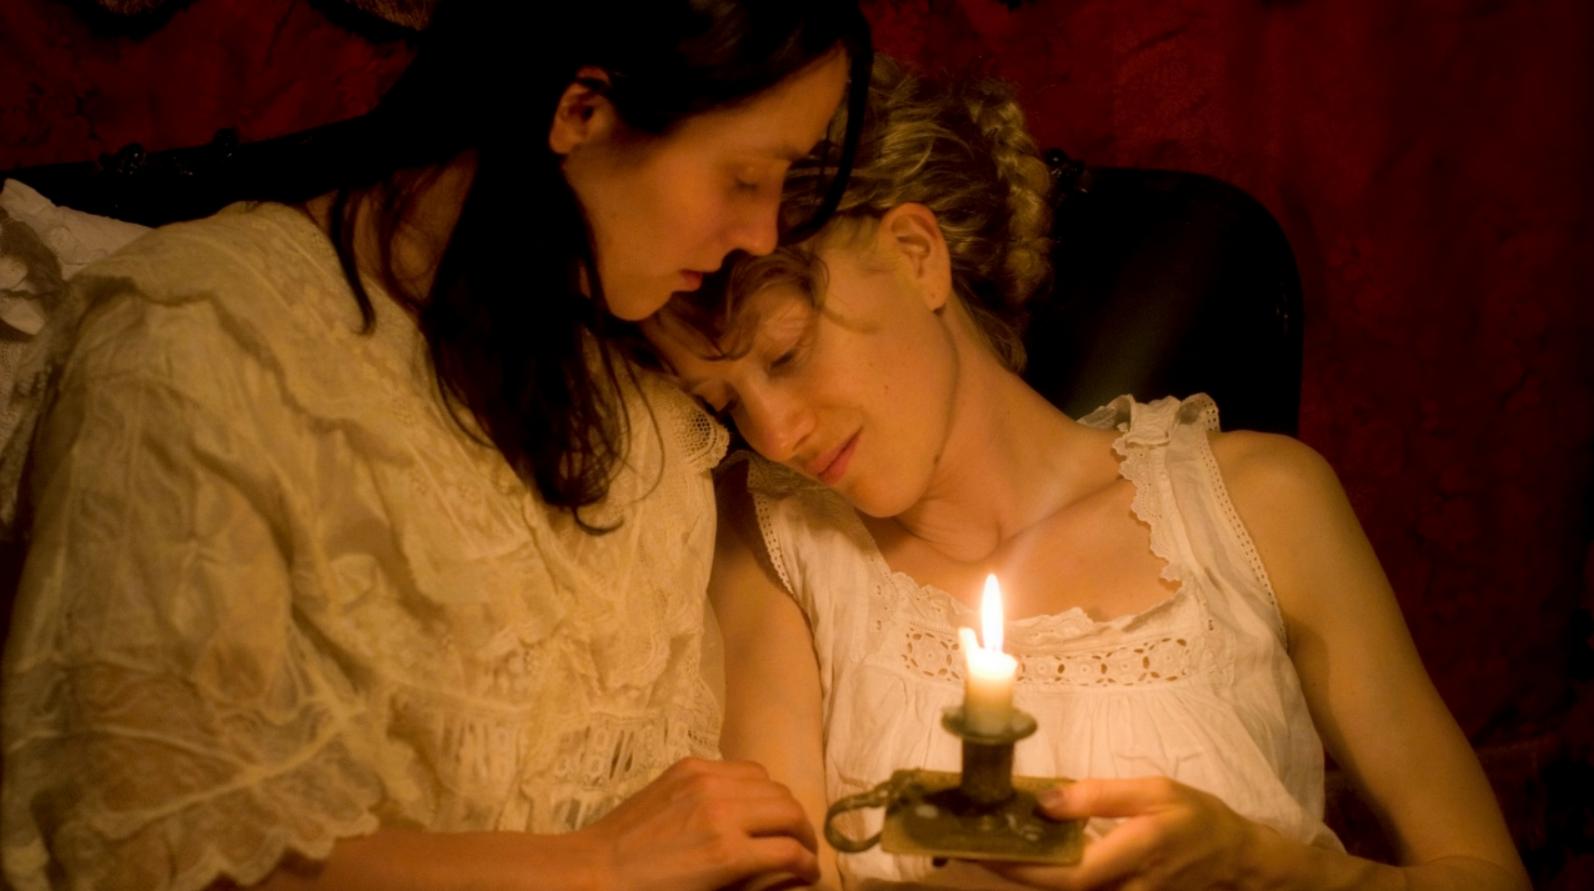 Фильмы художественные про лесбиянок смотреть 13